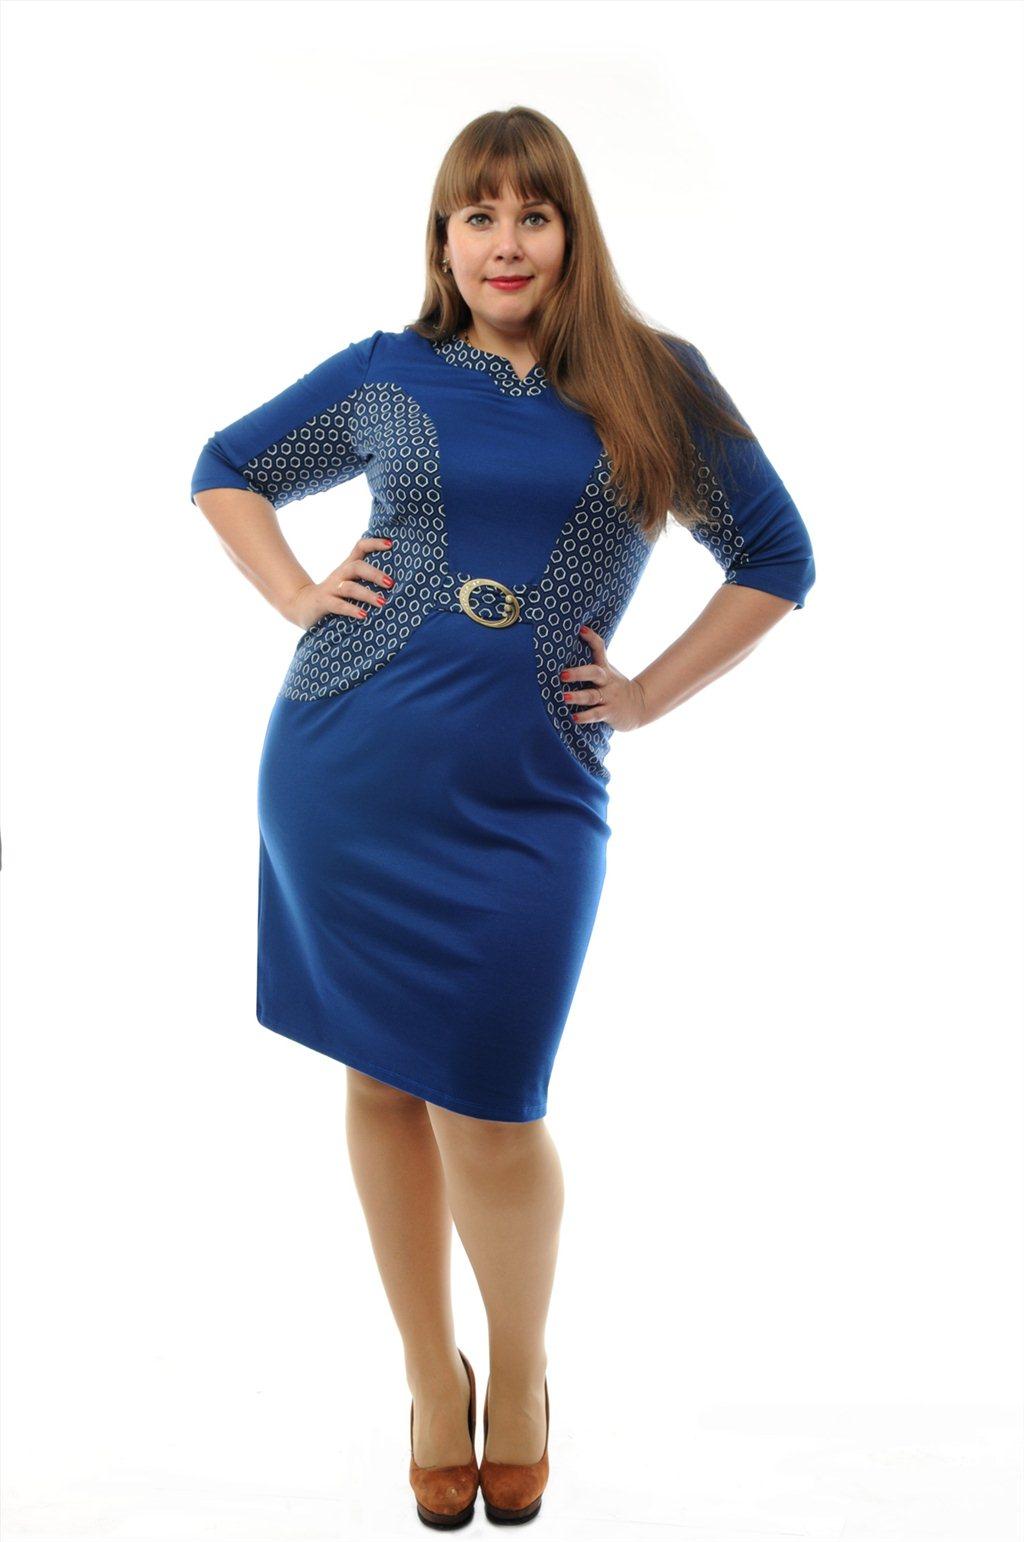 340398619c2fa01 Продам оптом красивые женские платья купить за 900 р. в Йошкар-Оле ...